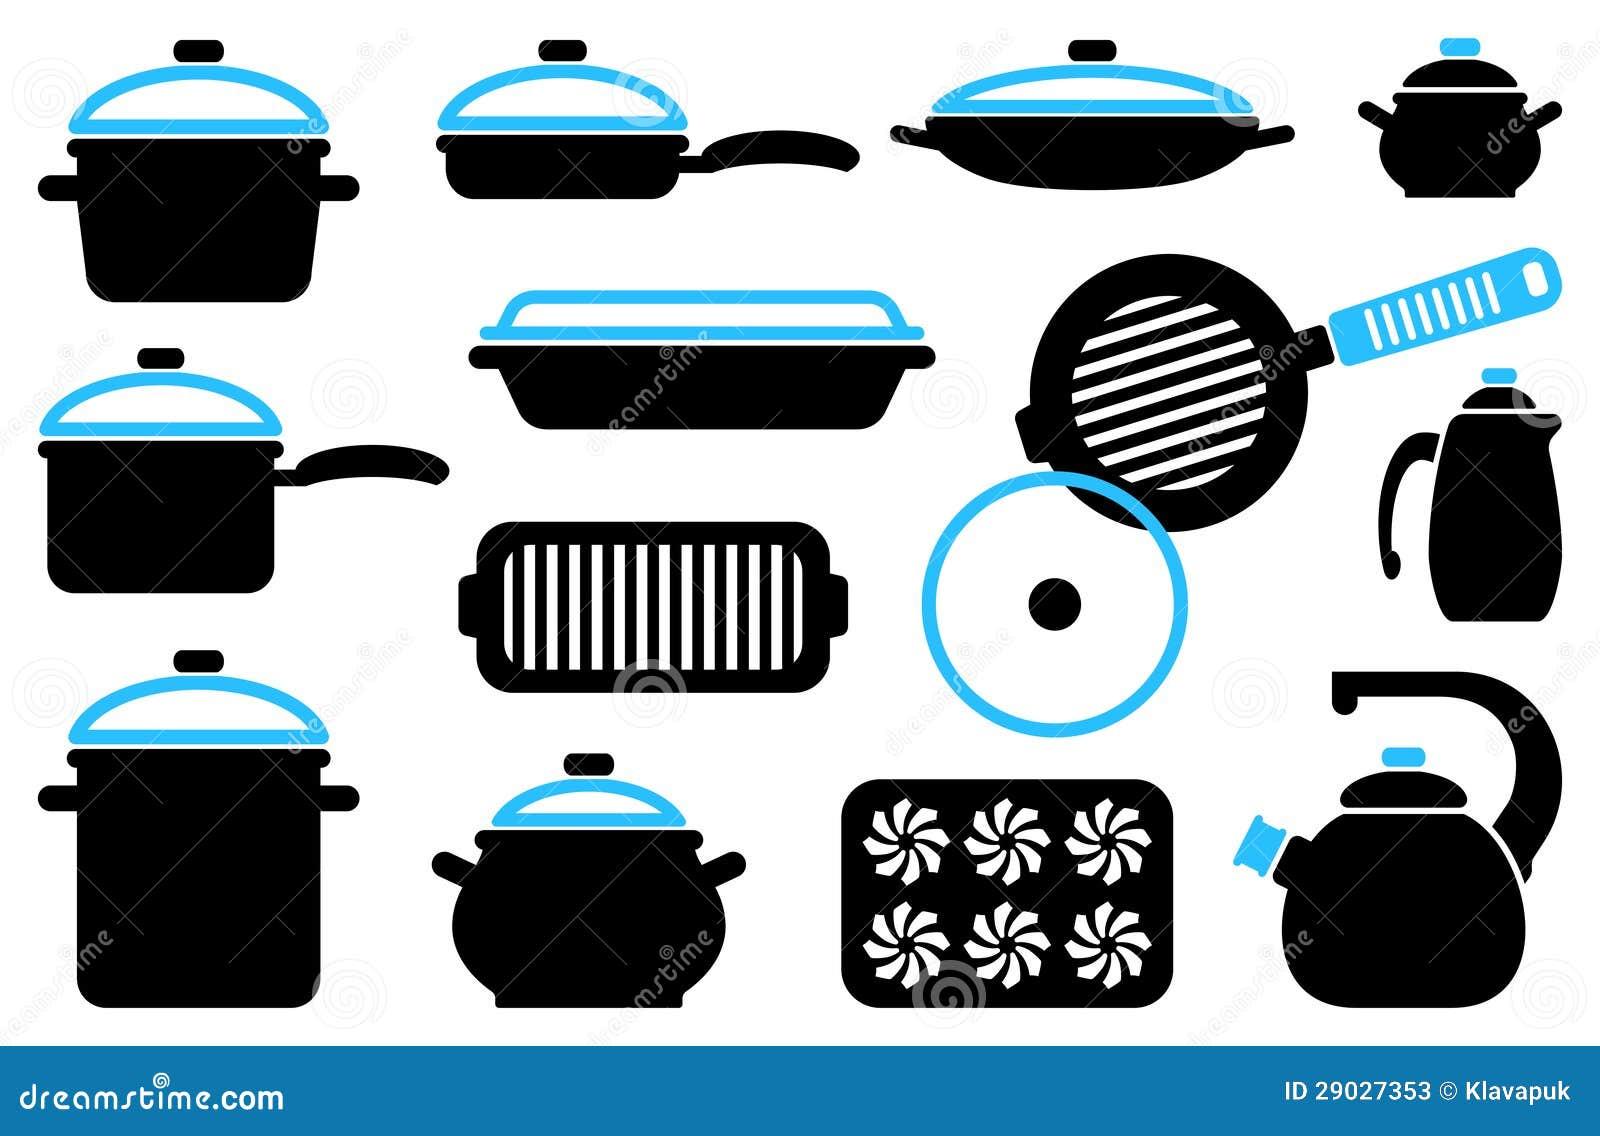 Articoli della cucina illustrazione vettoriale immagine for Articoli di cucina